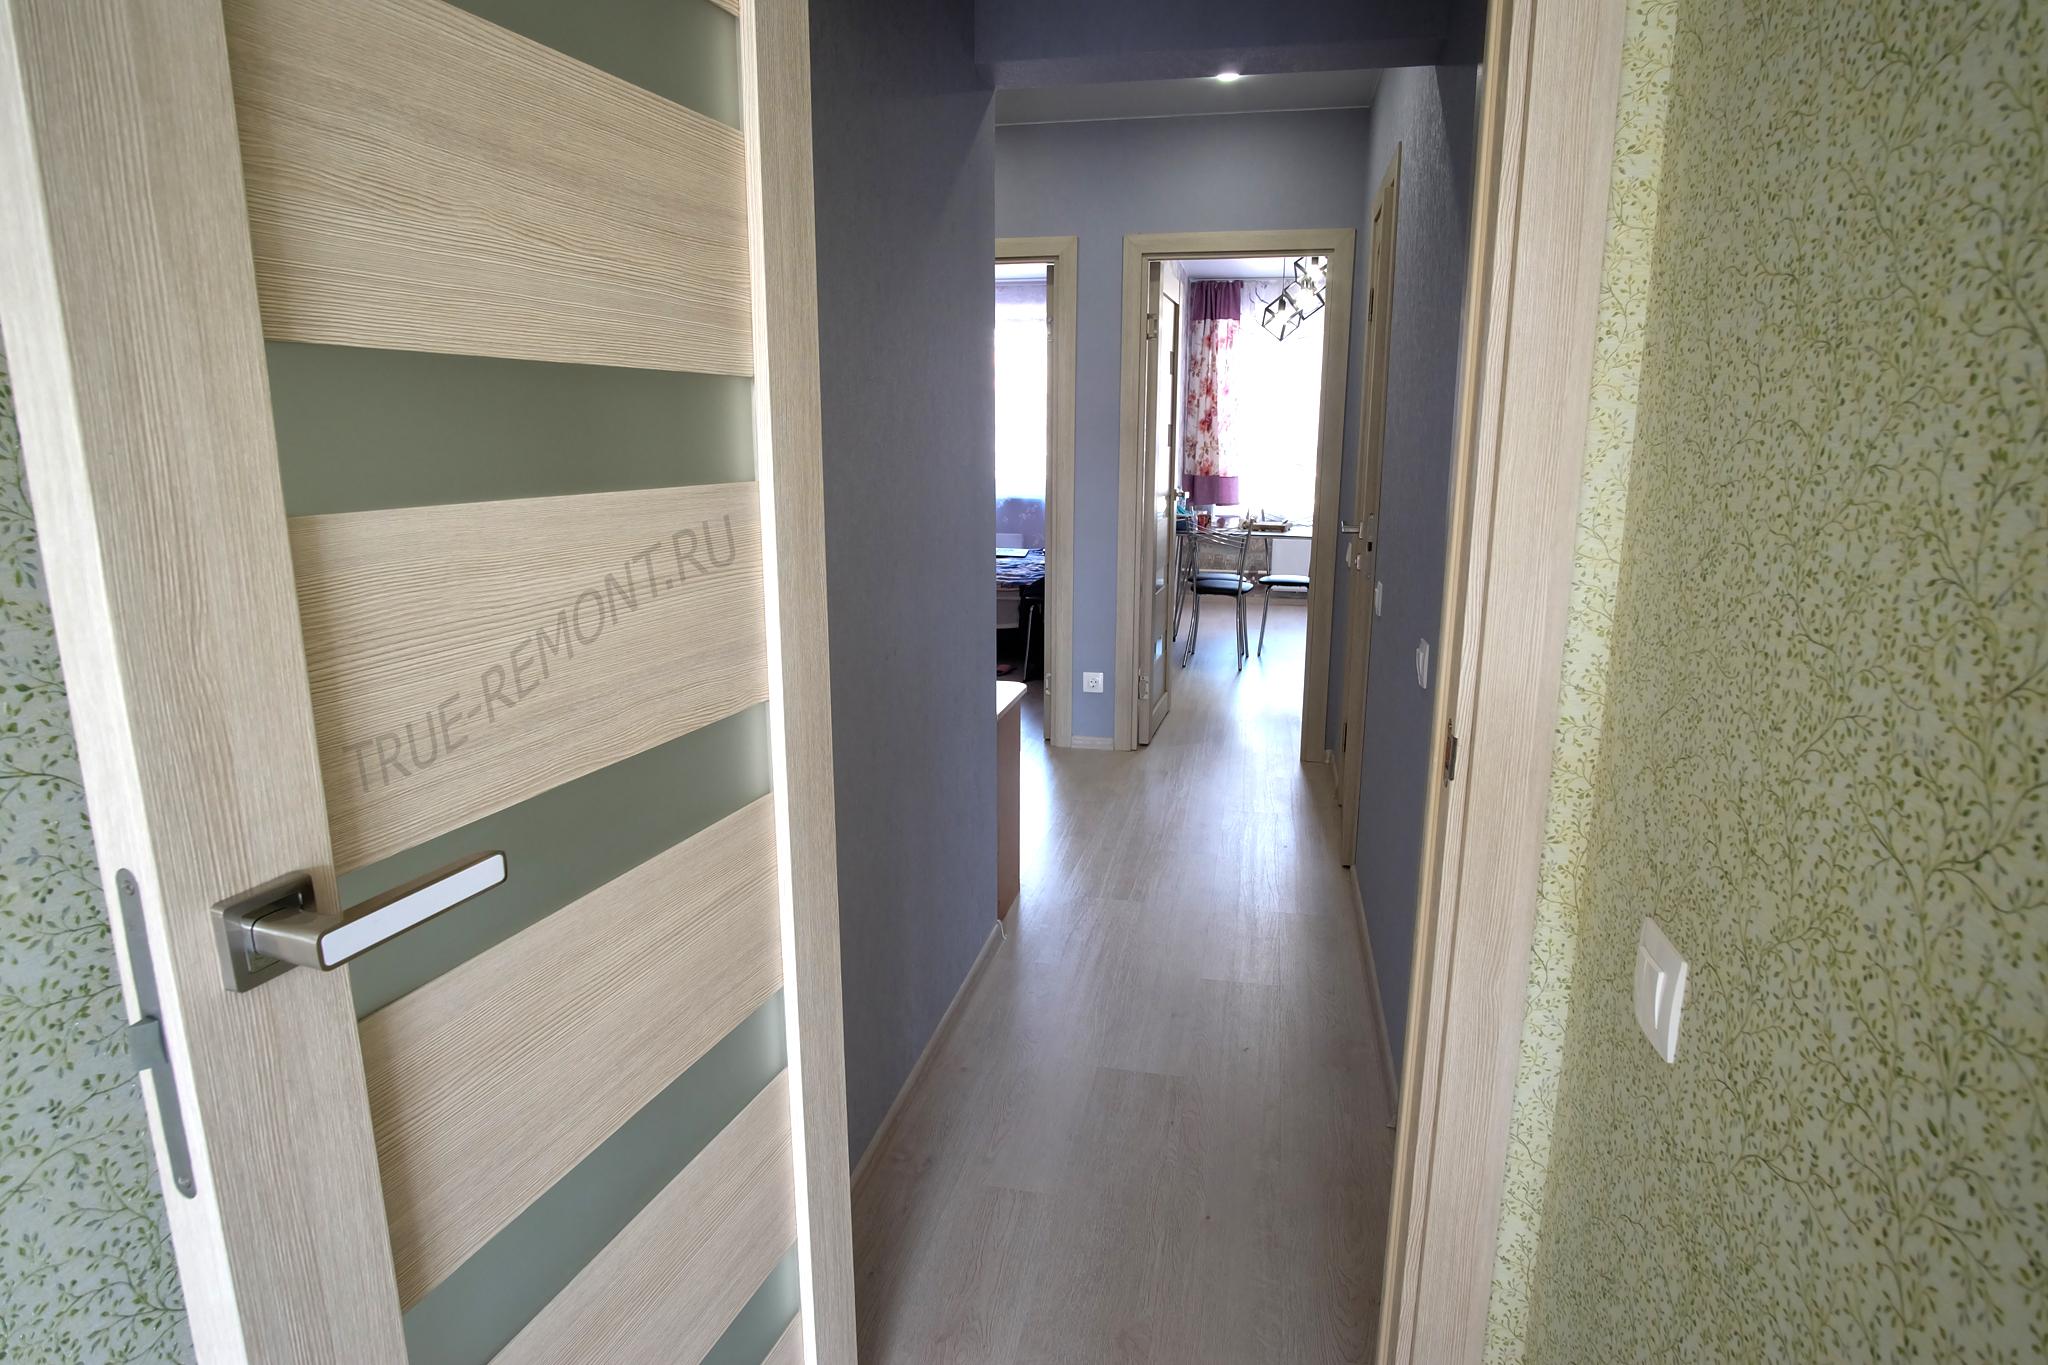 Двери и ламинат Artens для ремонта квартиры в новостройке